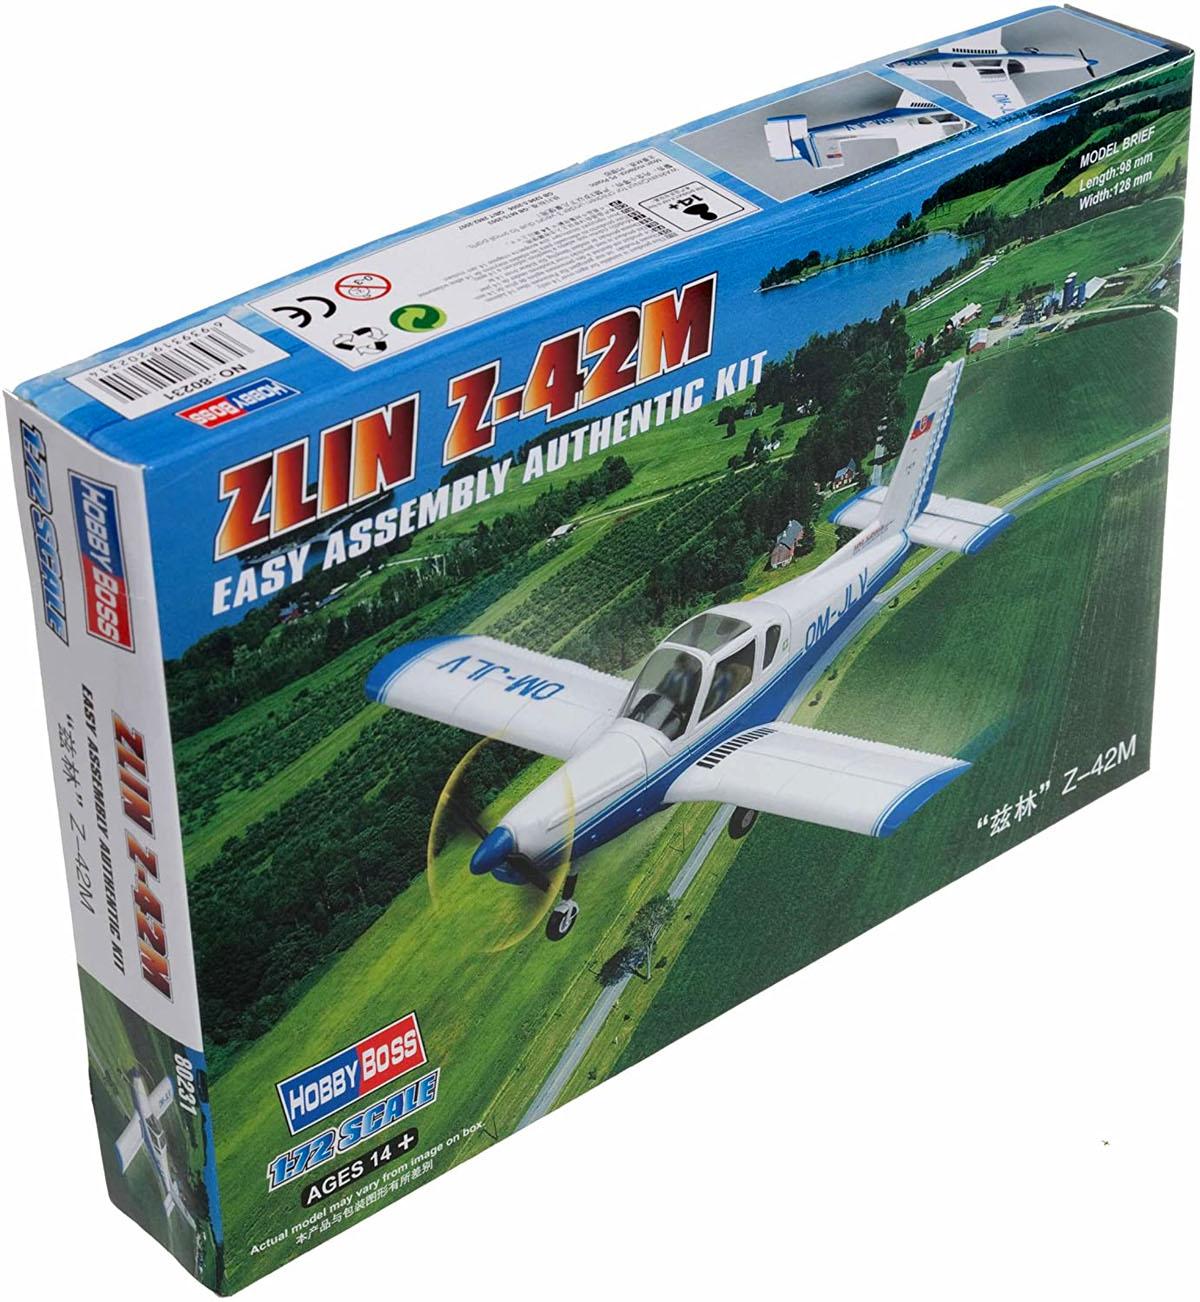 Zlin Z-42M - 1/72 - HobbyBoss 80231  - BLIMPS COMÉRCIO ELETRÔNICO